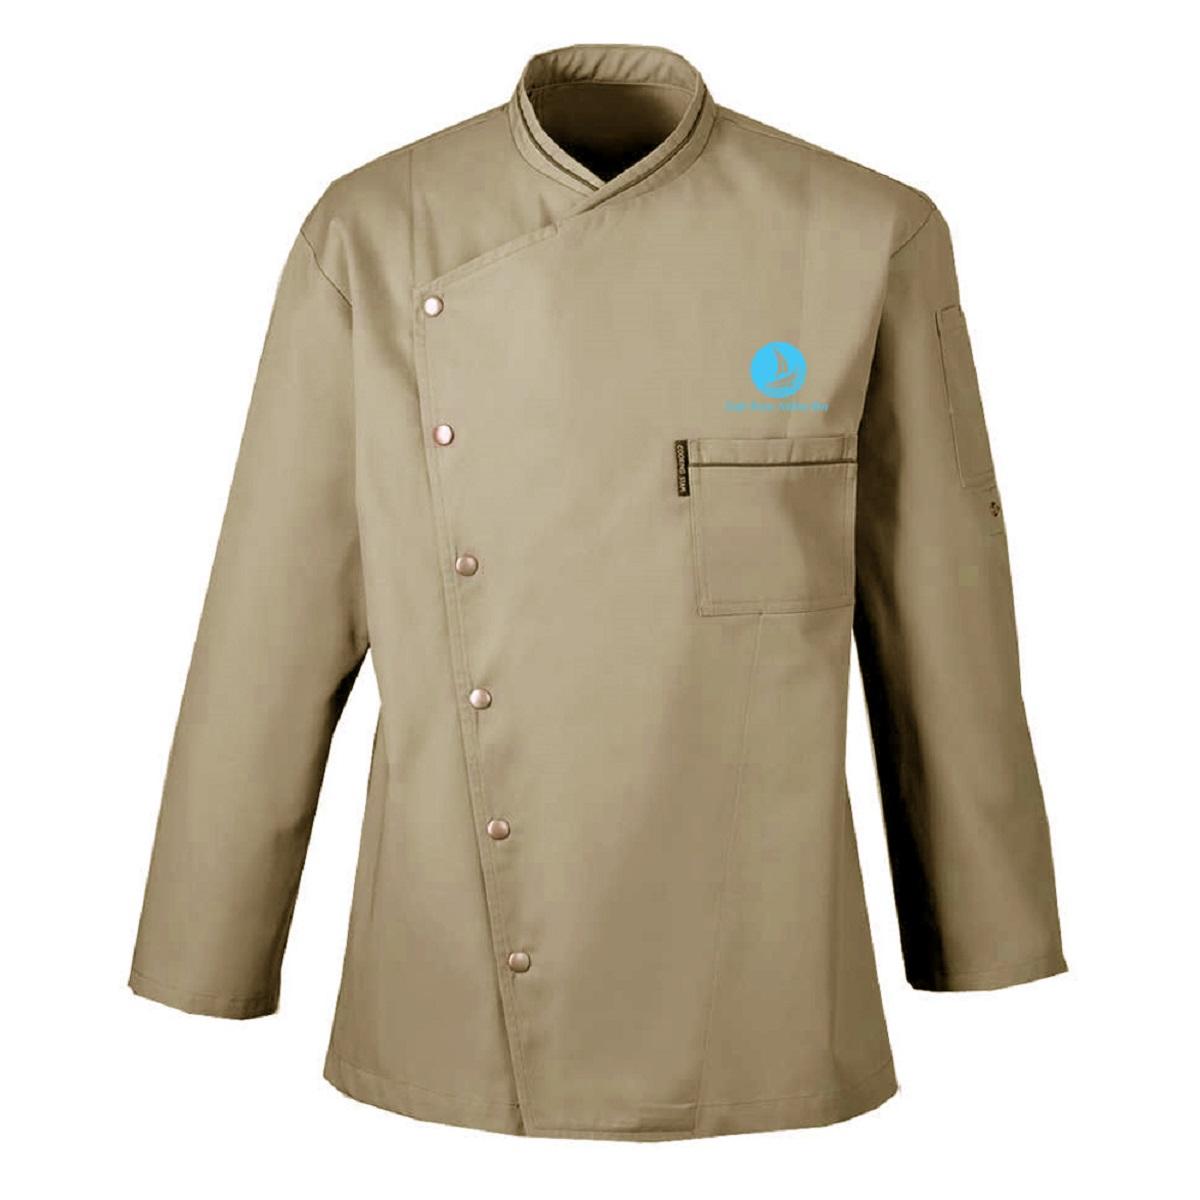 Mẫu đồng phục dài tay, một hàng khuy chéo và có 2 túi nằm ở ngực và bắp tay